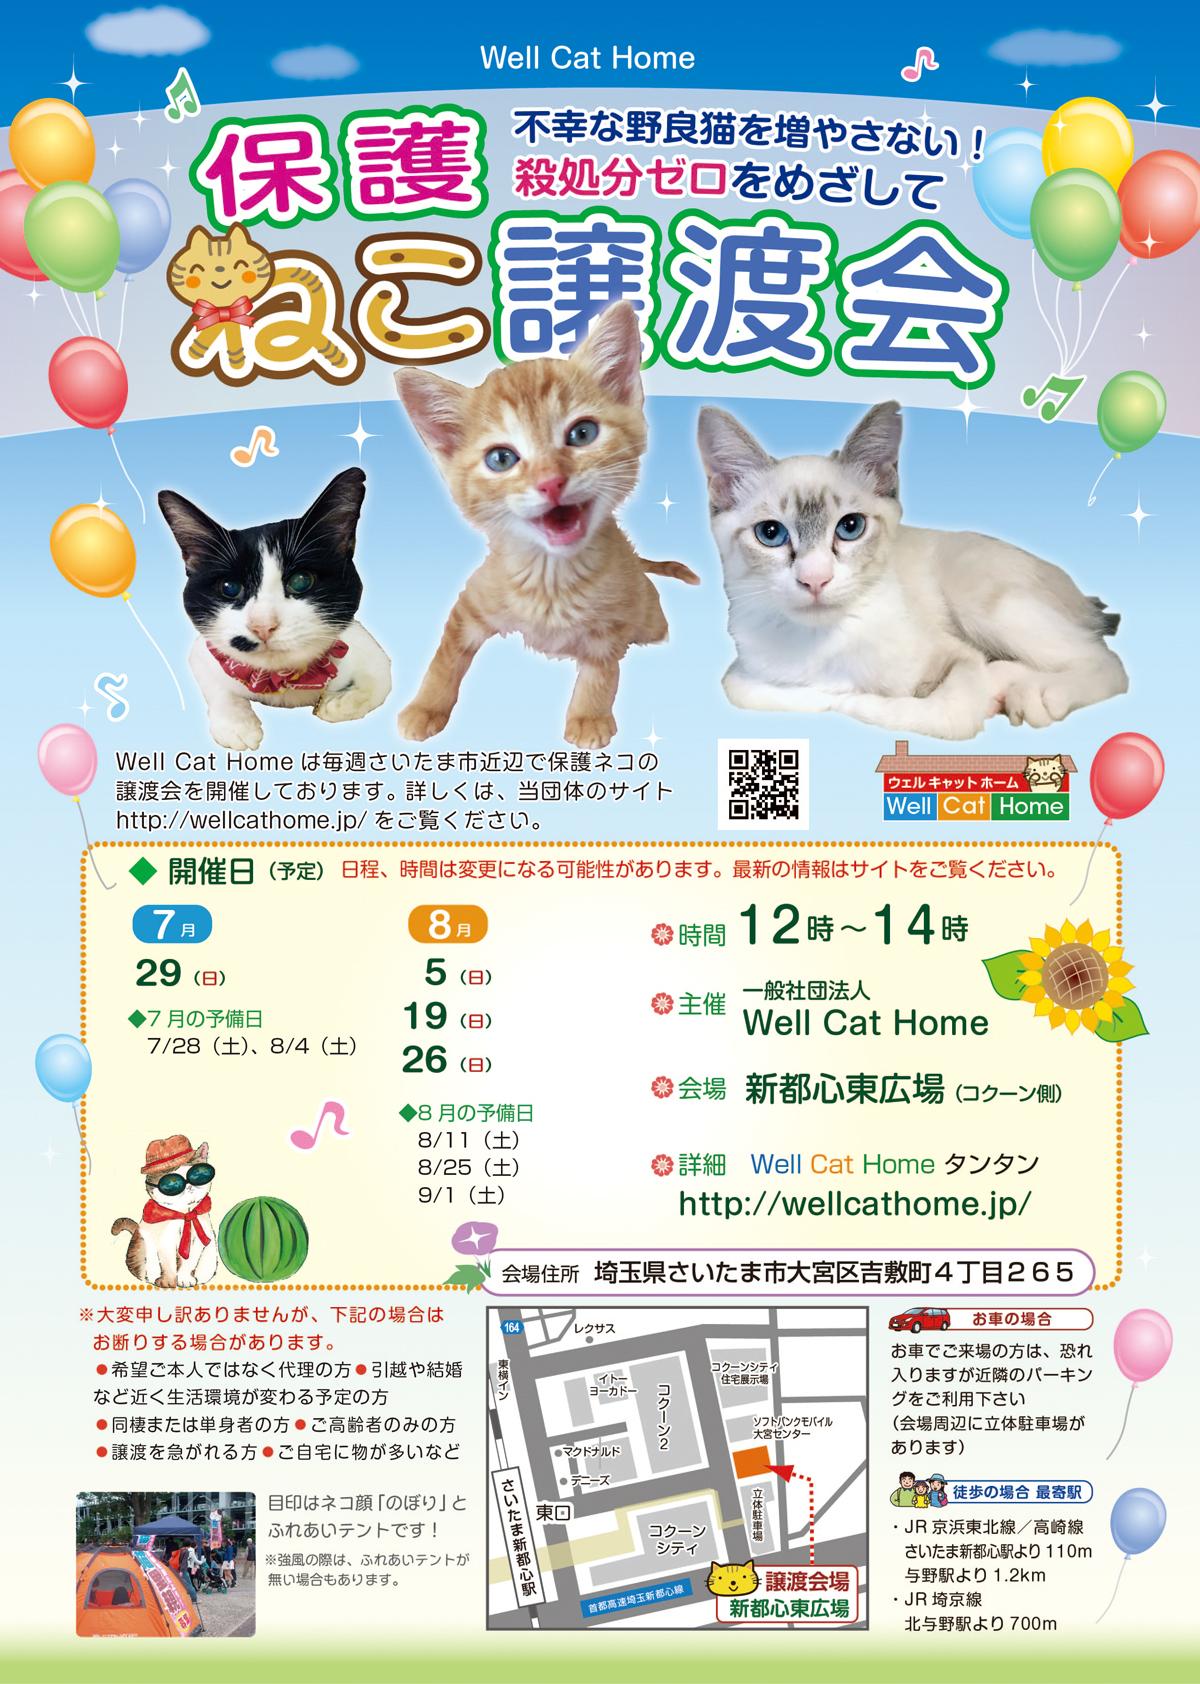 shintoshin_higashihiroba2018_07_08.jpg